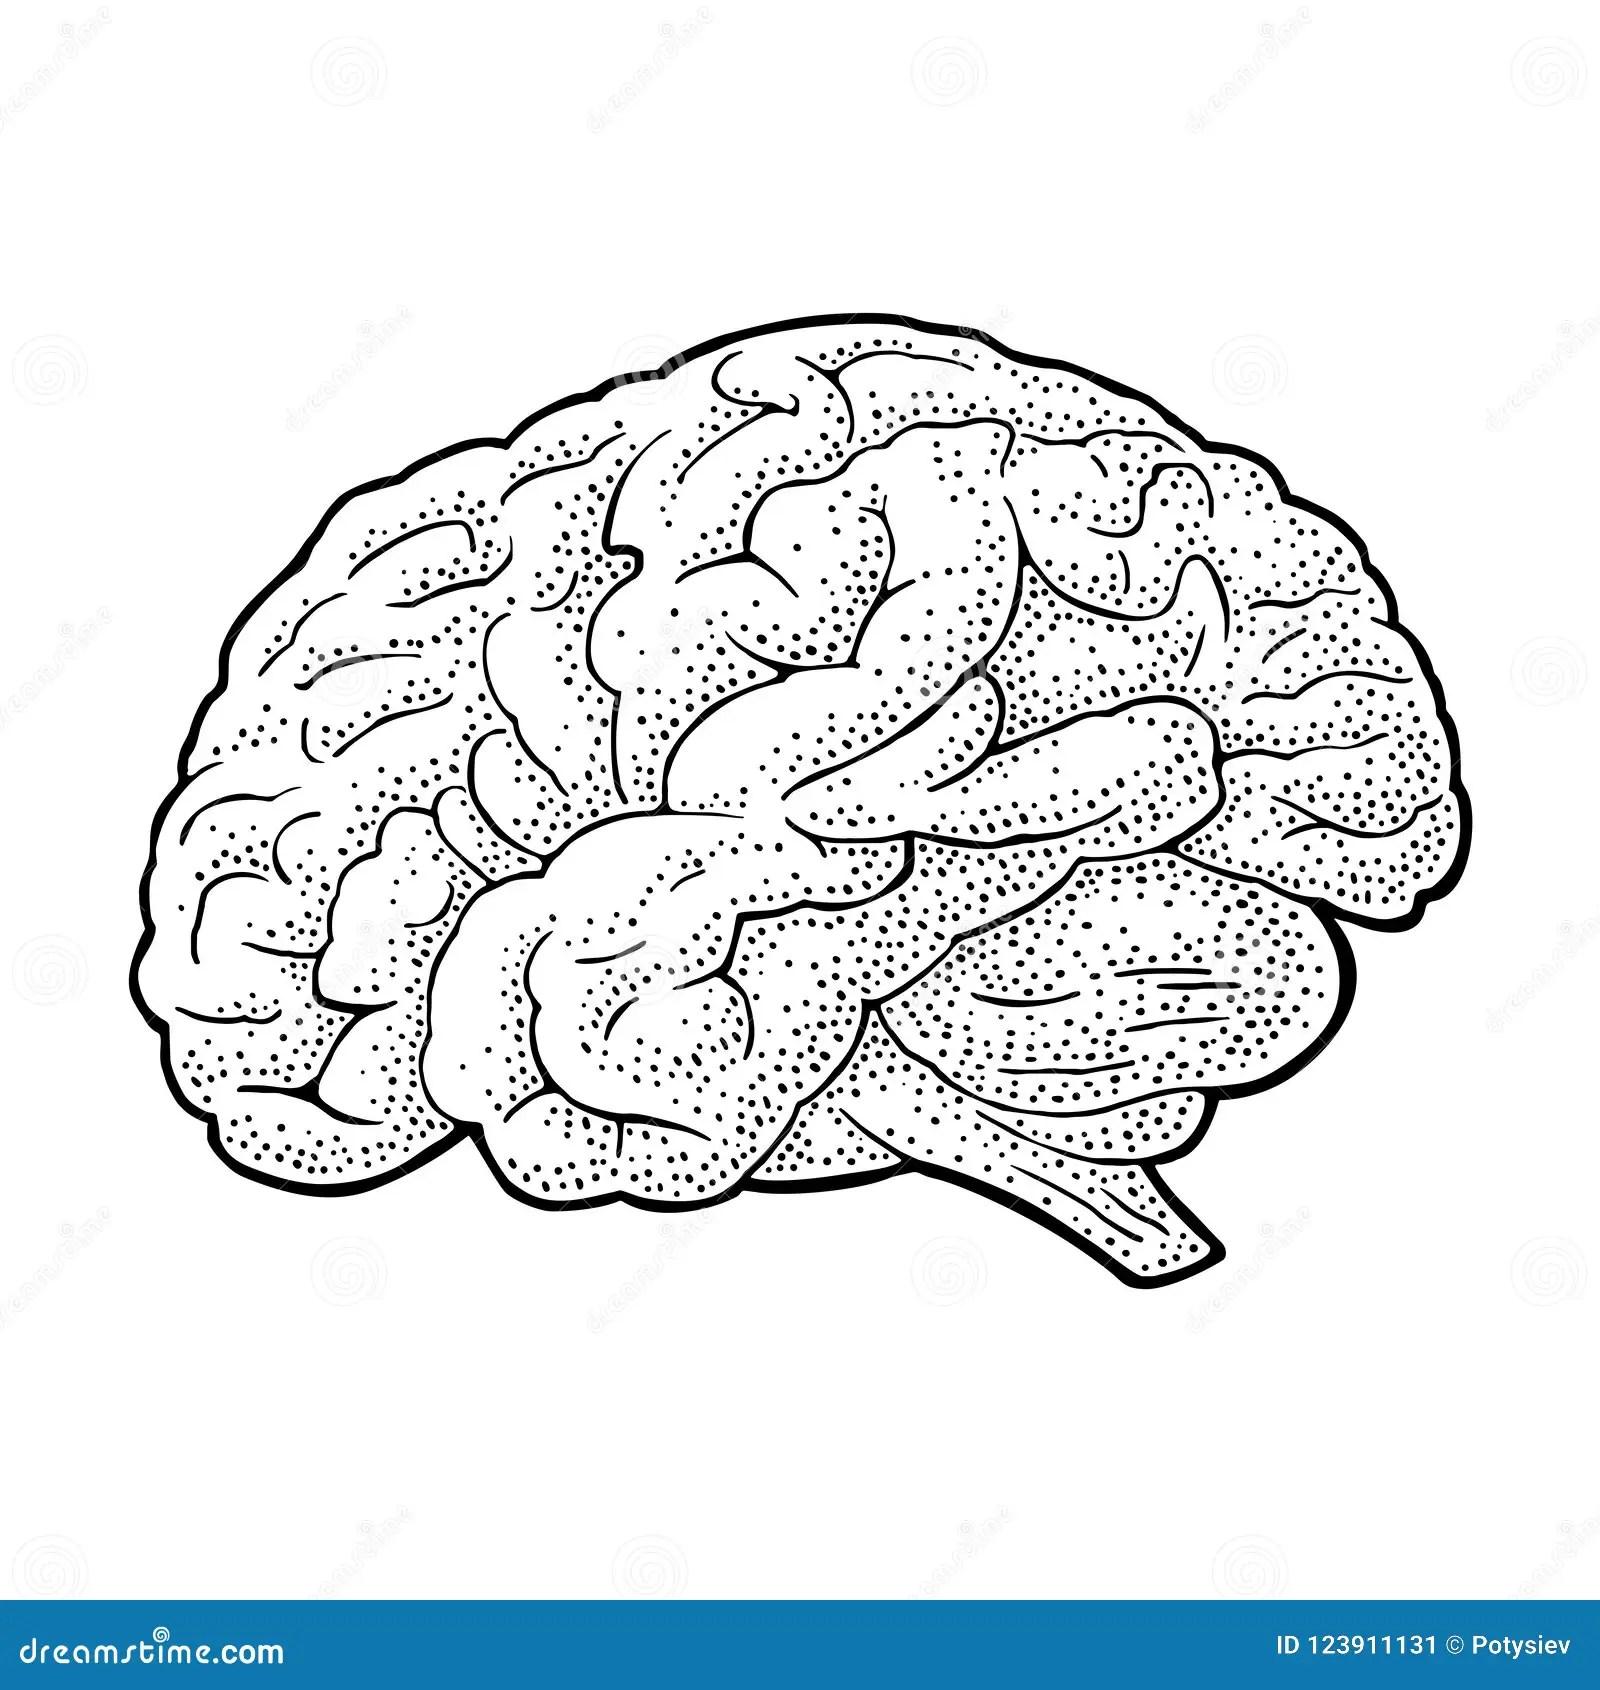 Label Brain Diagram